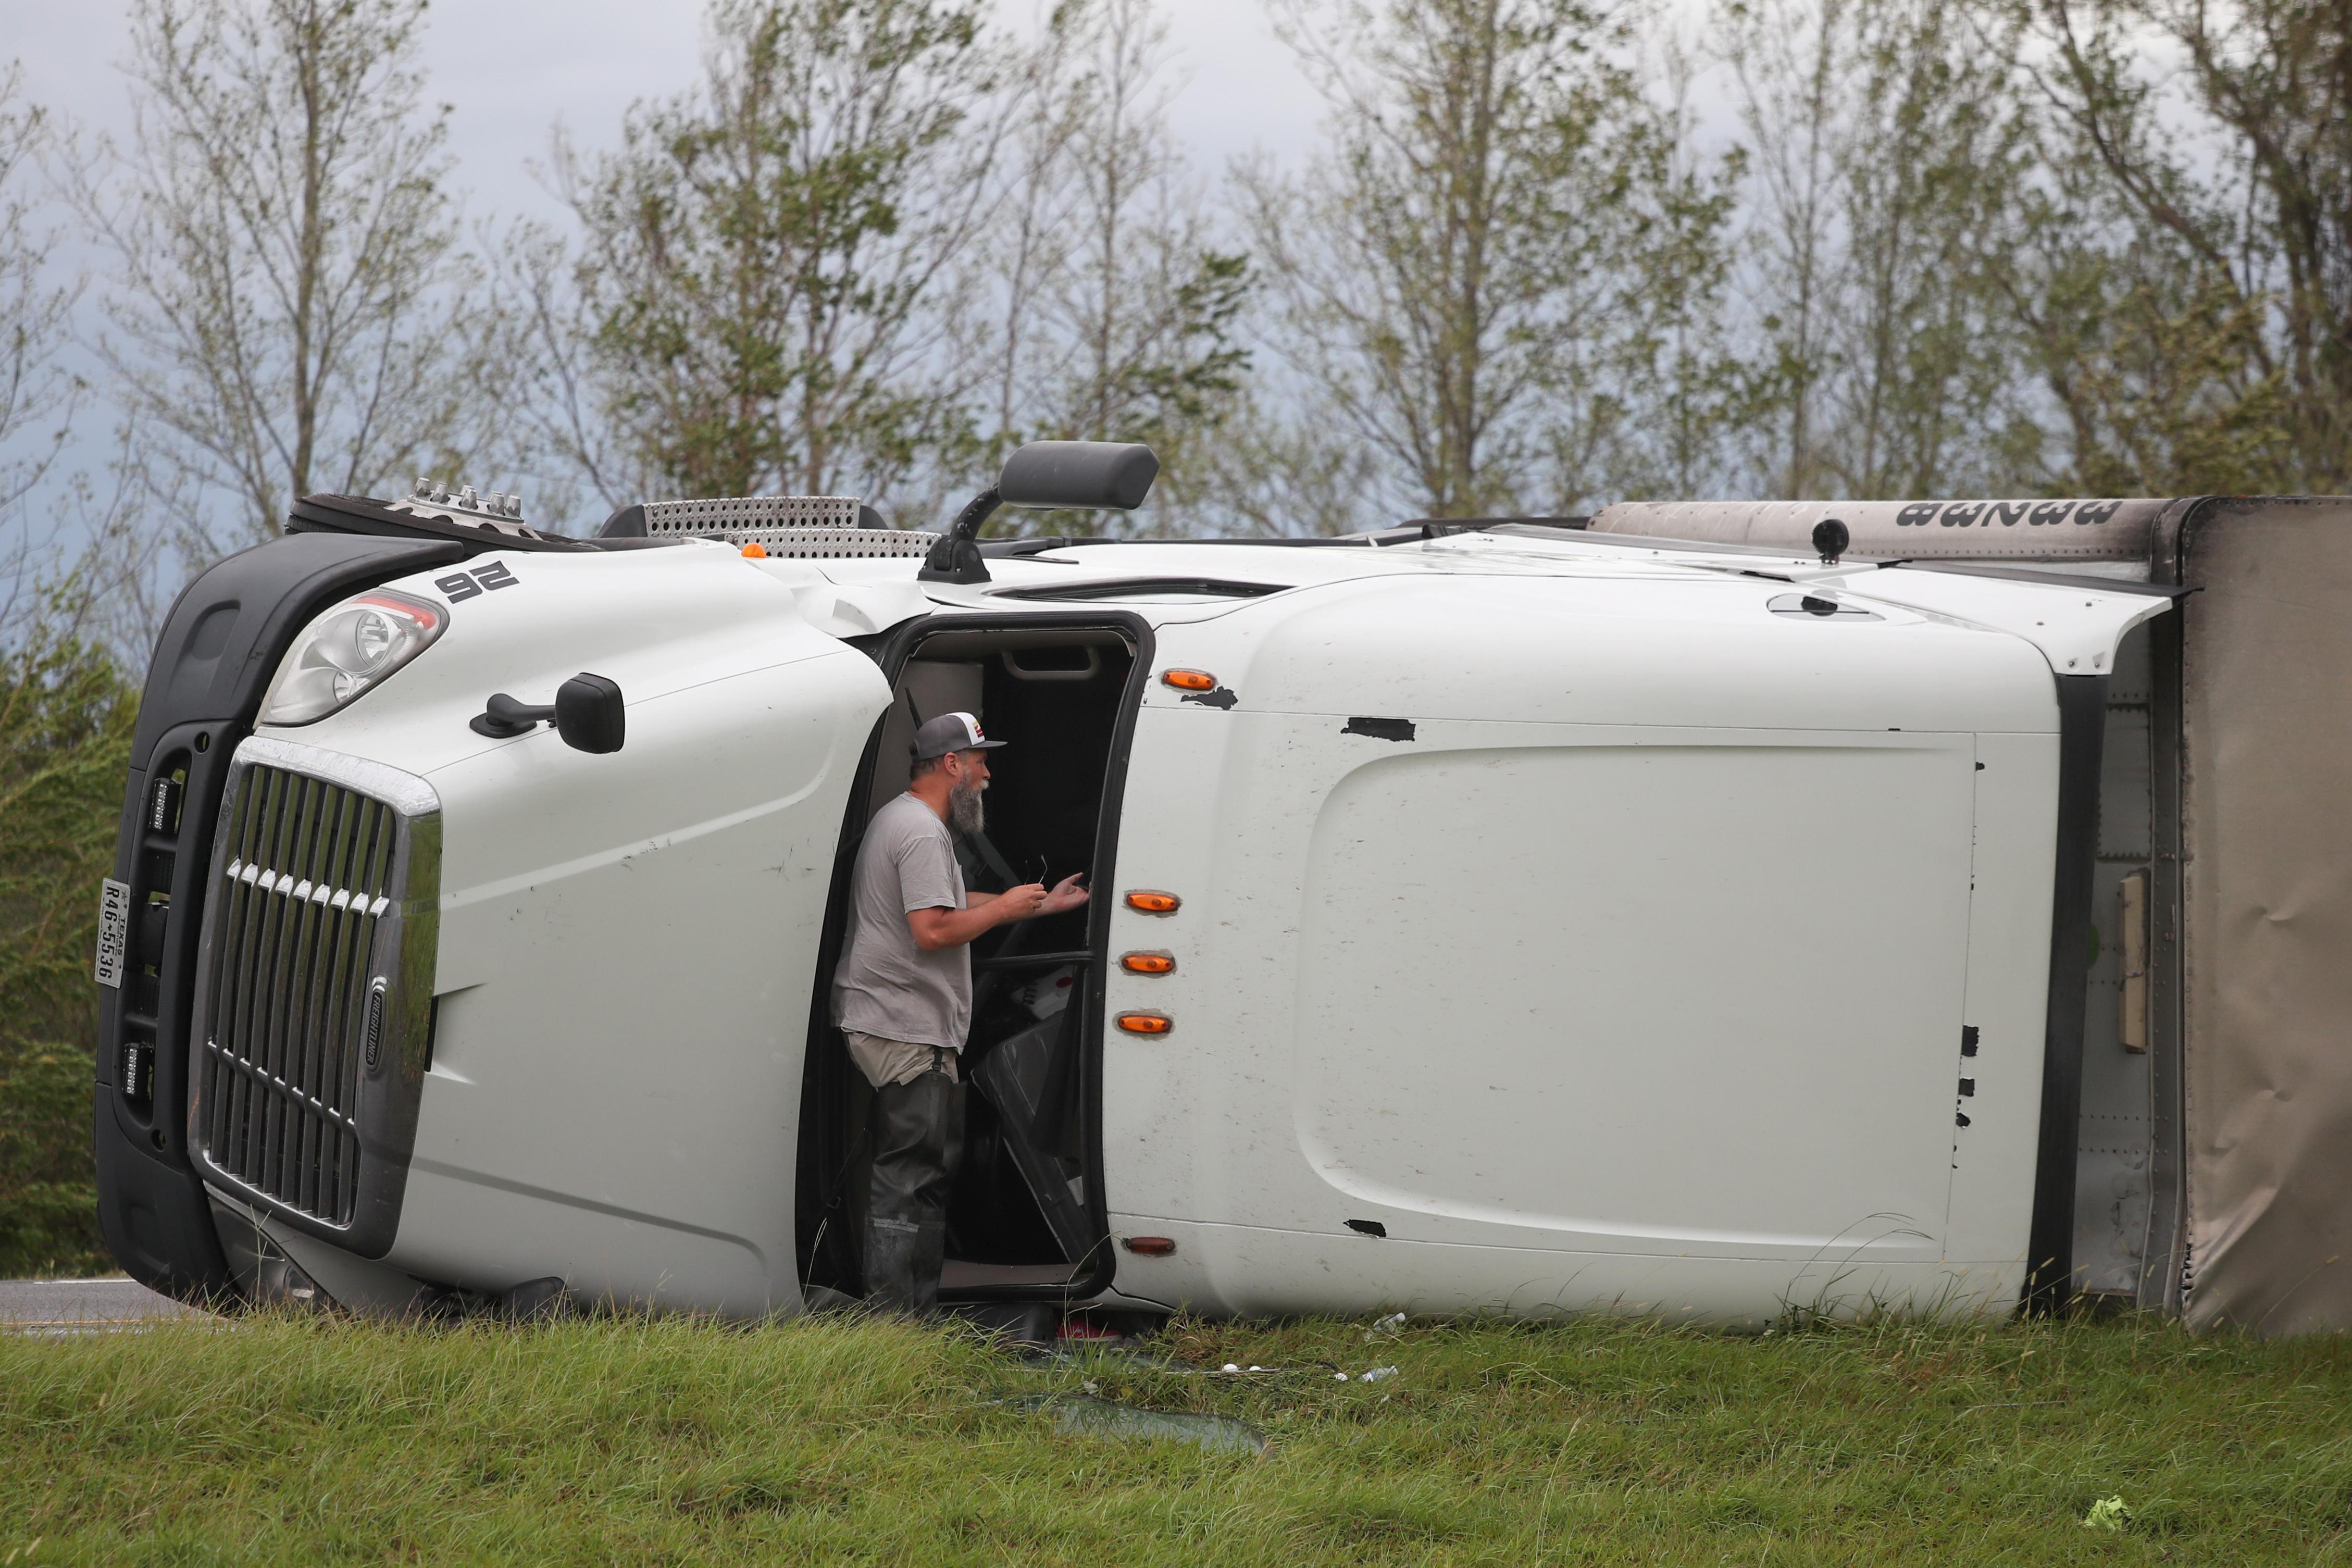 Un transeúnte habla con el conductor de un camión de 18 ruedas volcado después del huracán Laura en la I-10 en Vinton, Luisiana, el 27 de agosto de 2020 (REUTERS/Adrees Latif)